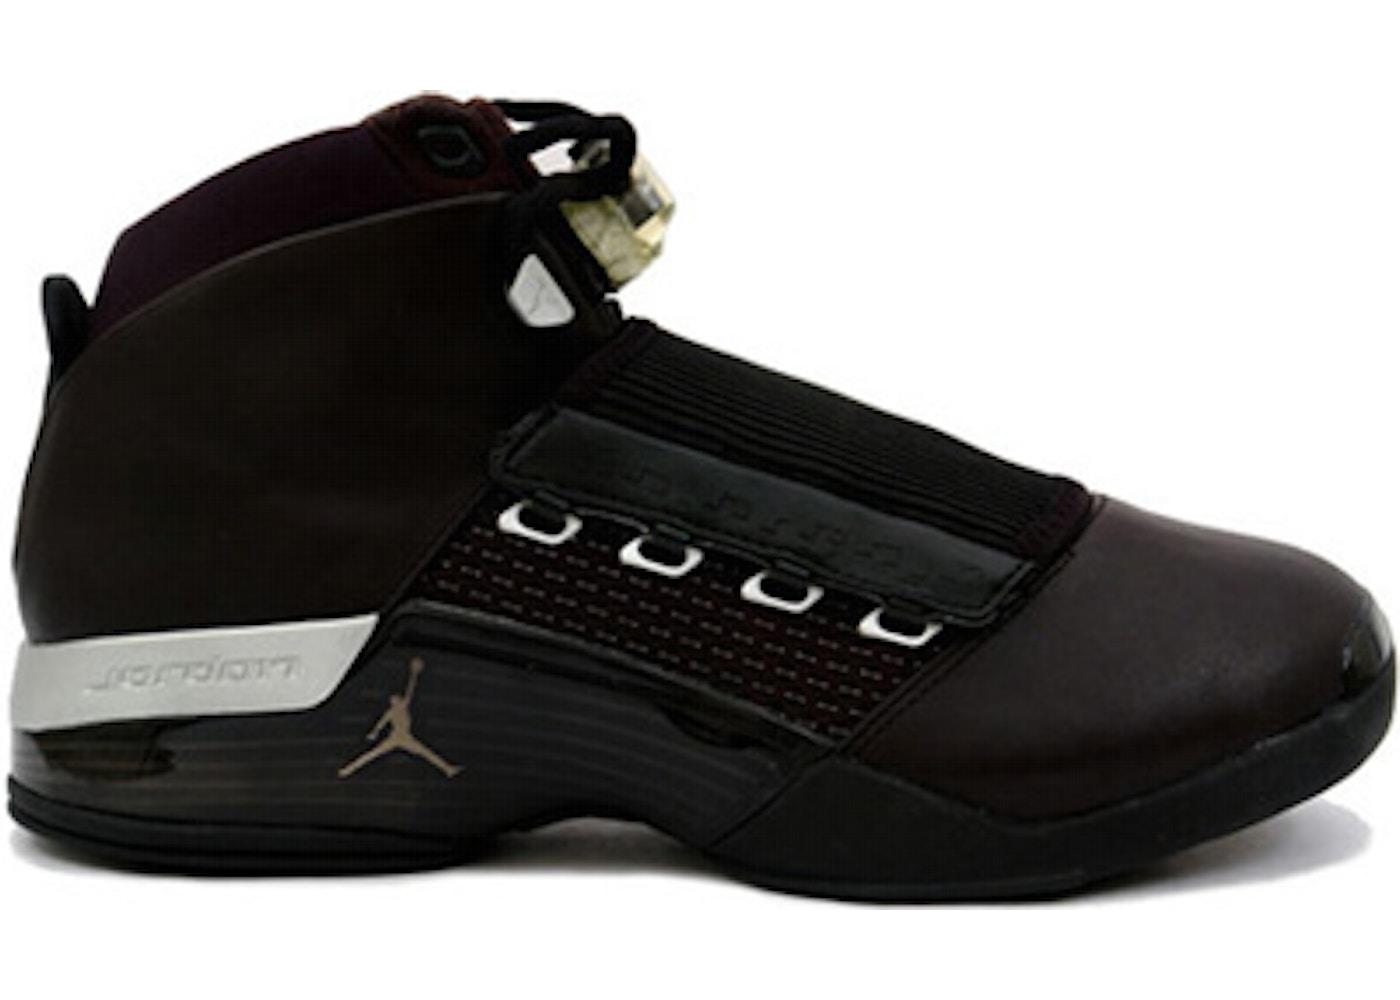 b2b79585dab Buy Air Jordan 17 Size 7 Shoes & Deadstock Sneakers